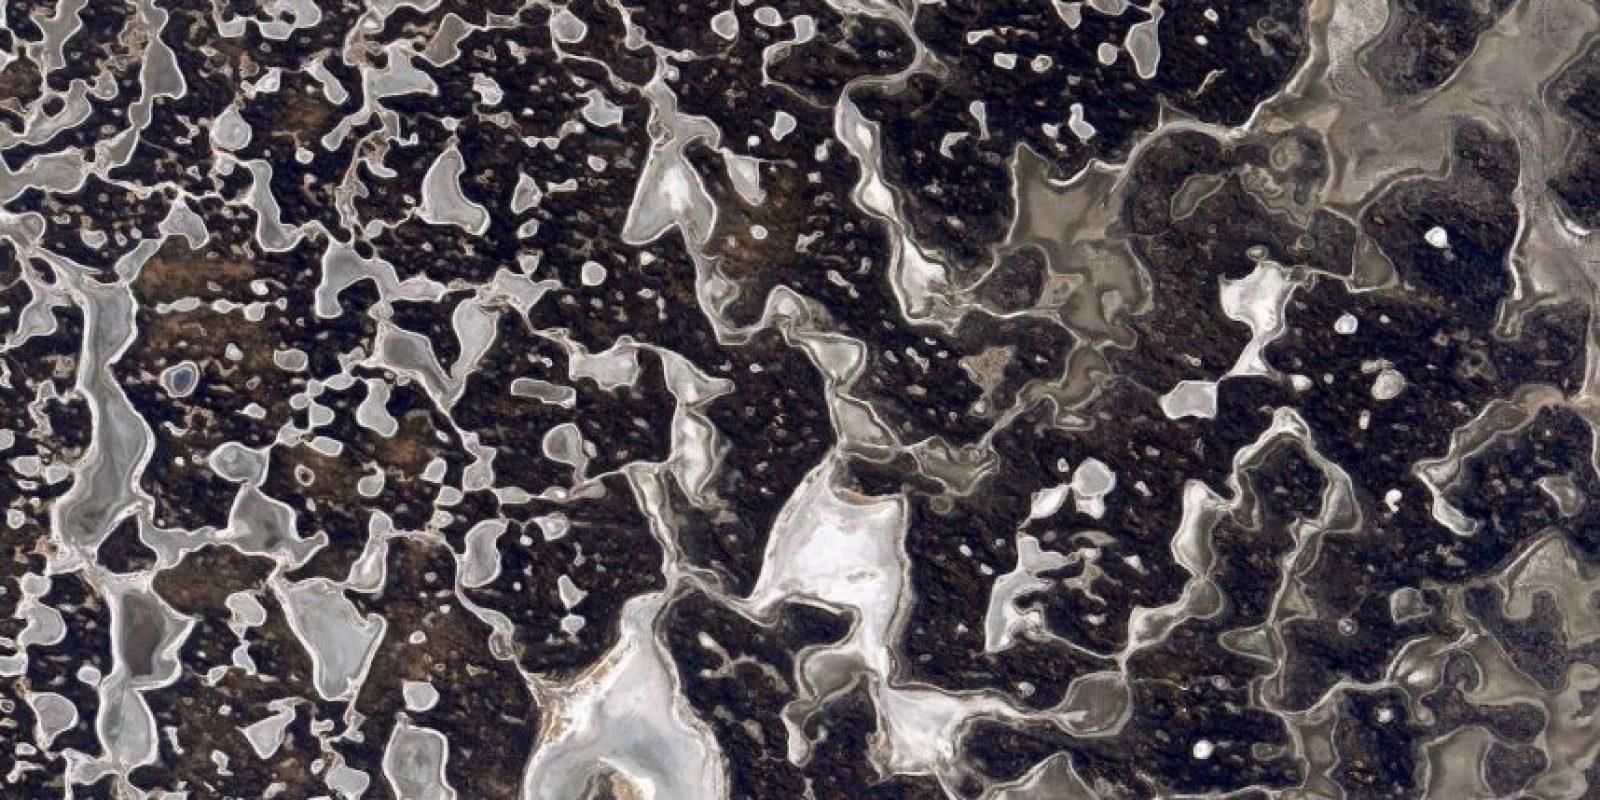 """""""Algunas personas ven imágenes en las nubes. Yo veo patrones en la tierra. ¿Qué ven ustedes?"""", pregunta Kelly Foto:Facebook.com/NASA-Astronaut-Scott-Kelly"""